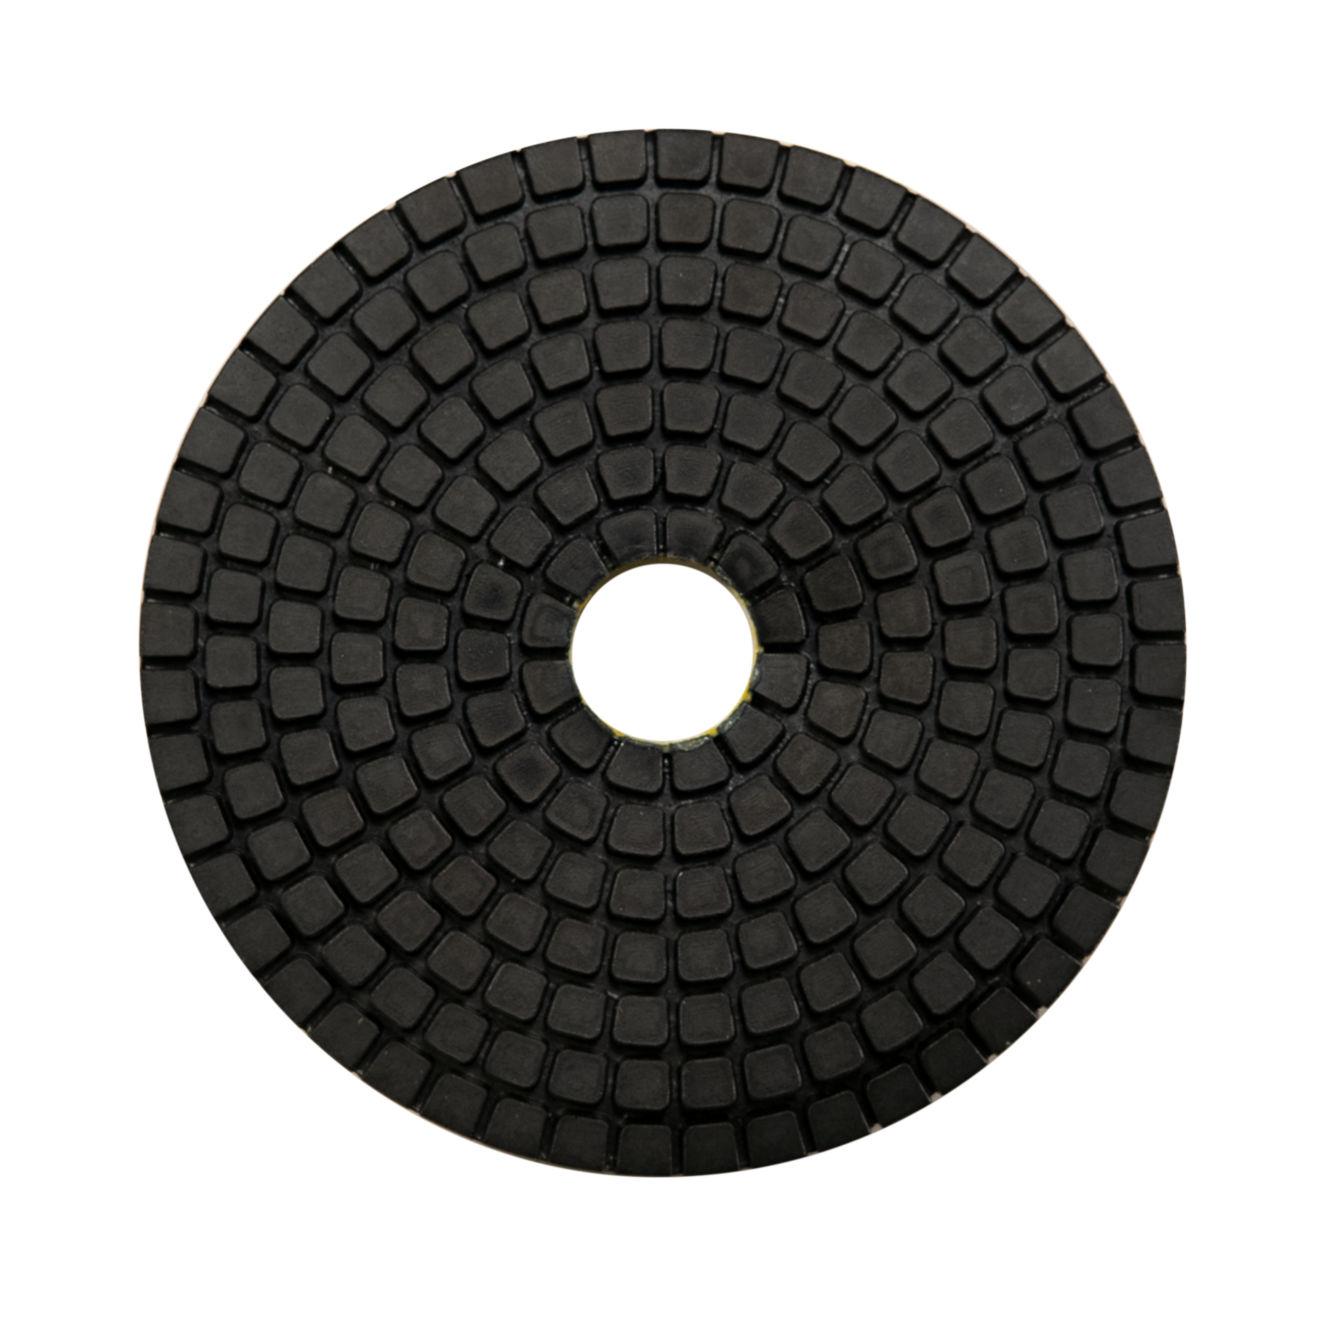 """ODYN General Wet Stone Polishing Pad 4"""" x 5/8"""" - 200 Grit"""